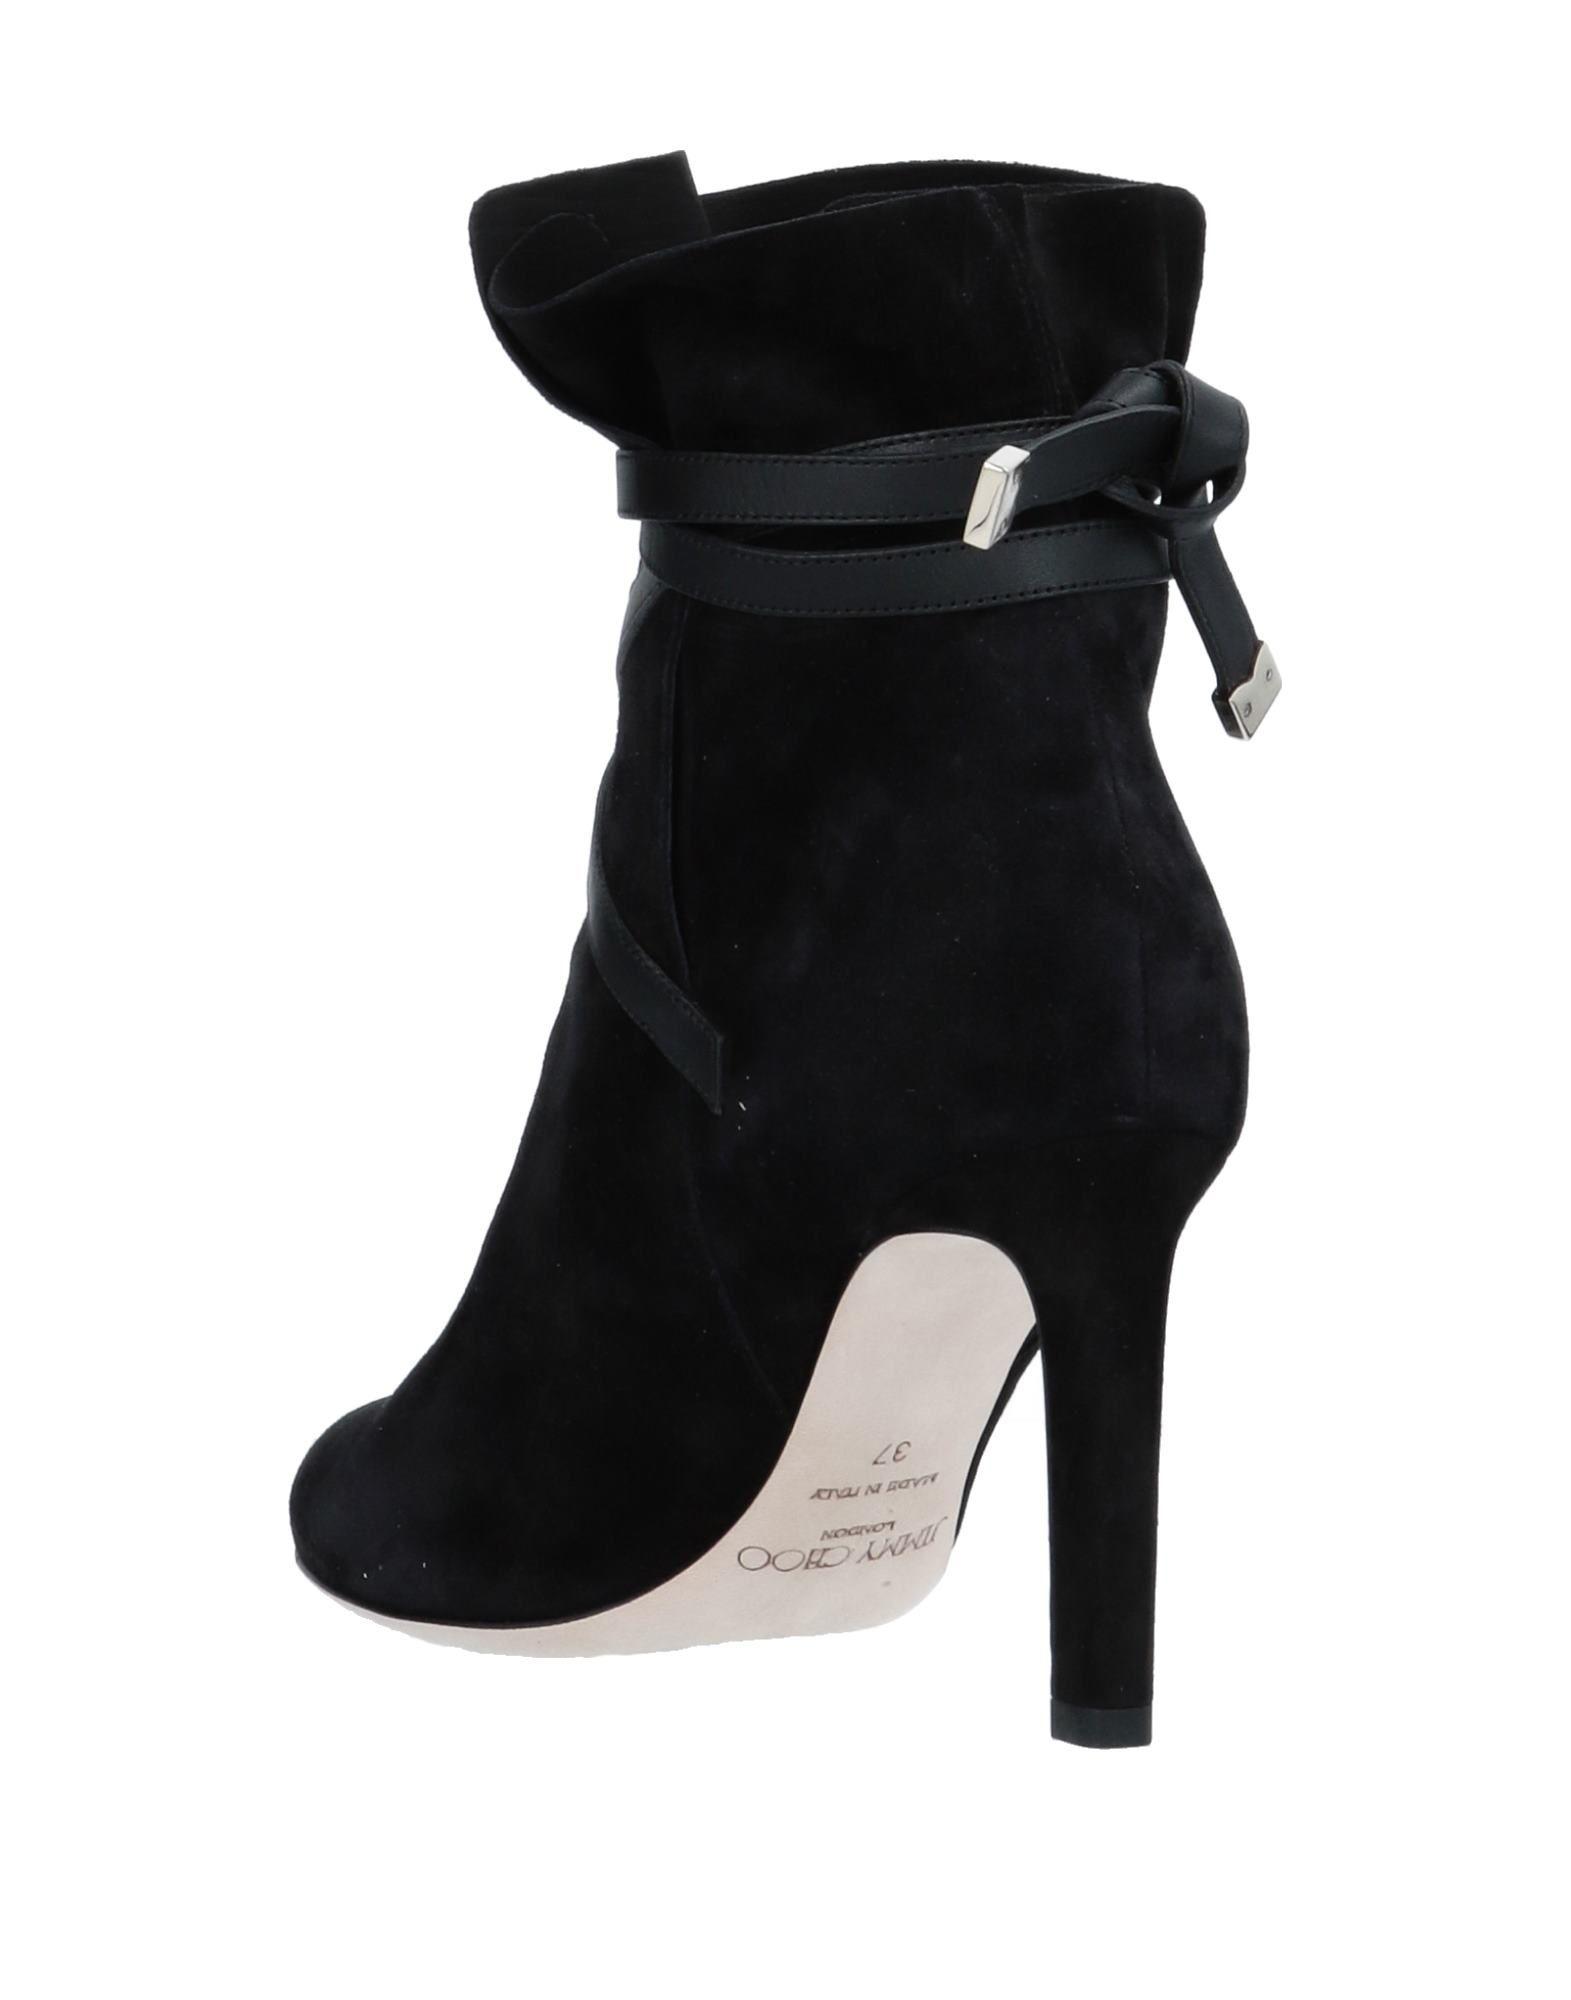 Jimmy Choo Stiefelette Damen Schuhe  11519468NWGünstige gut aussehende Schuhe Damen 5c5156